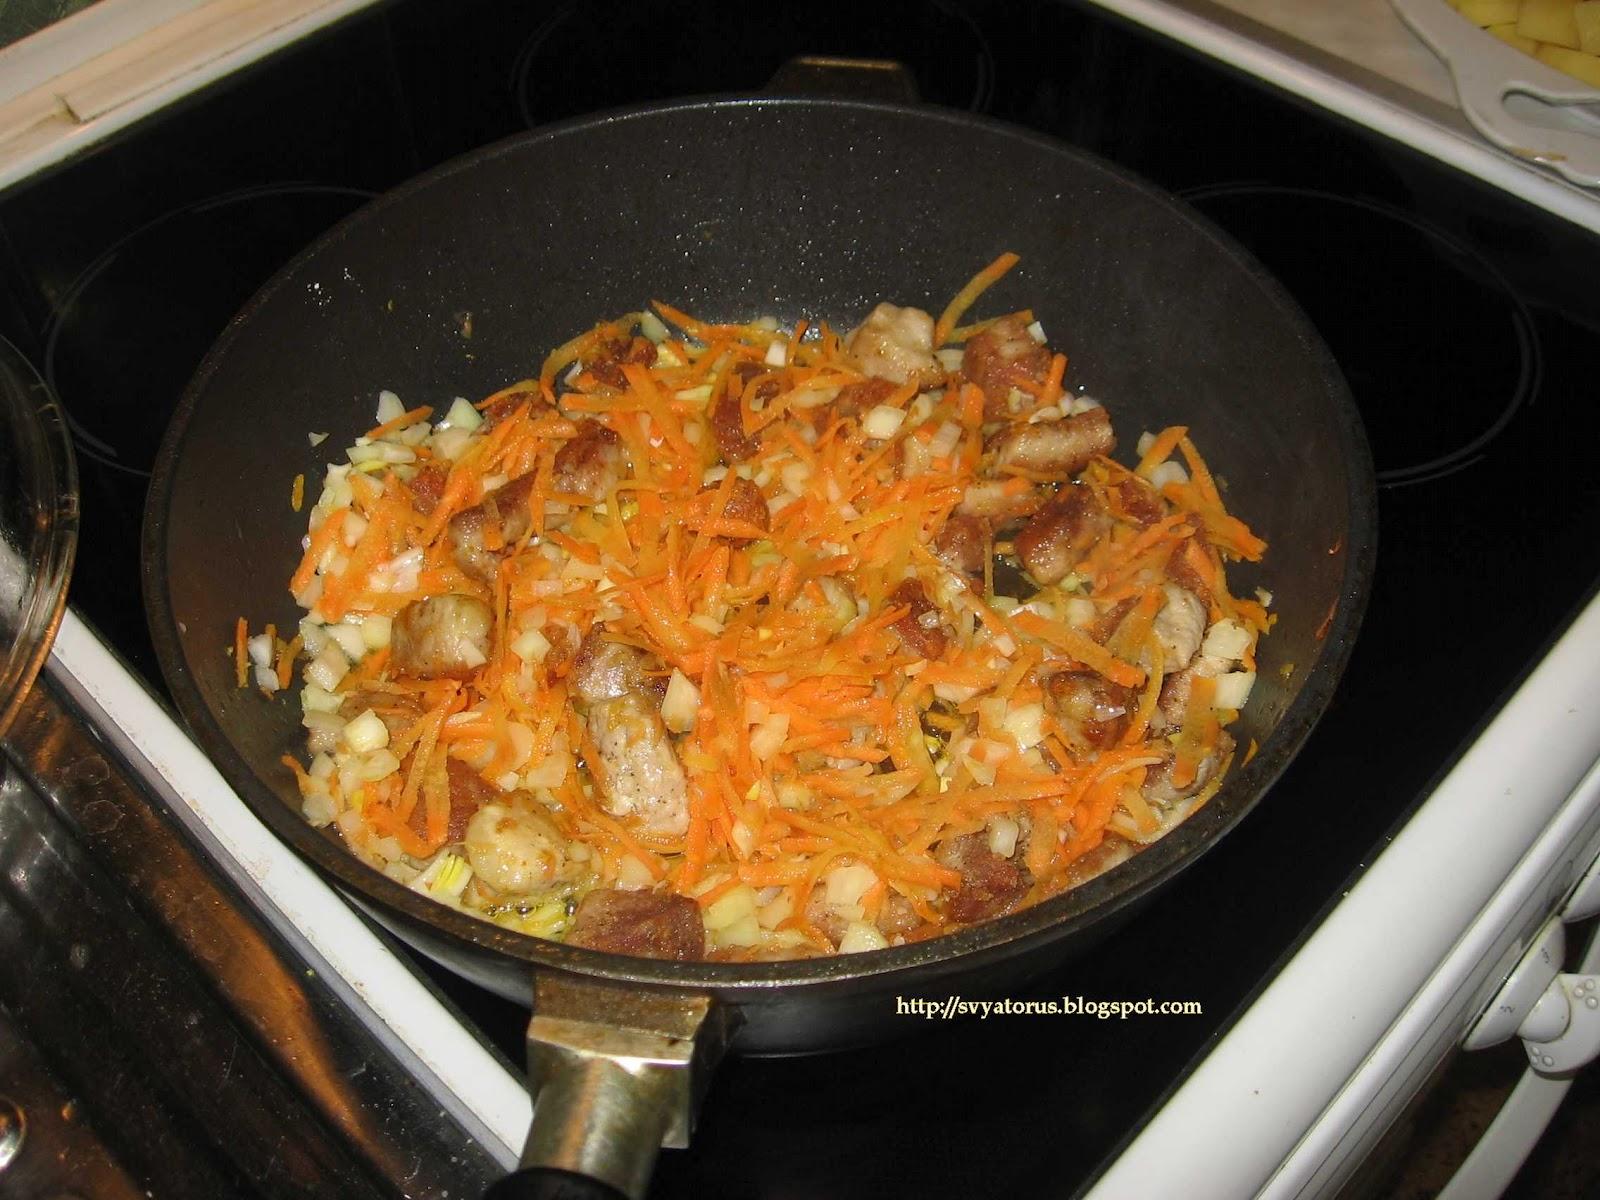 Что приготовить в мультиварке быстро и вкусно с картошкой